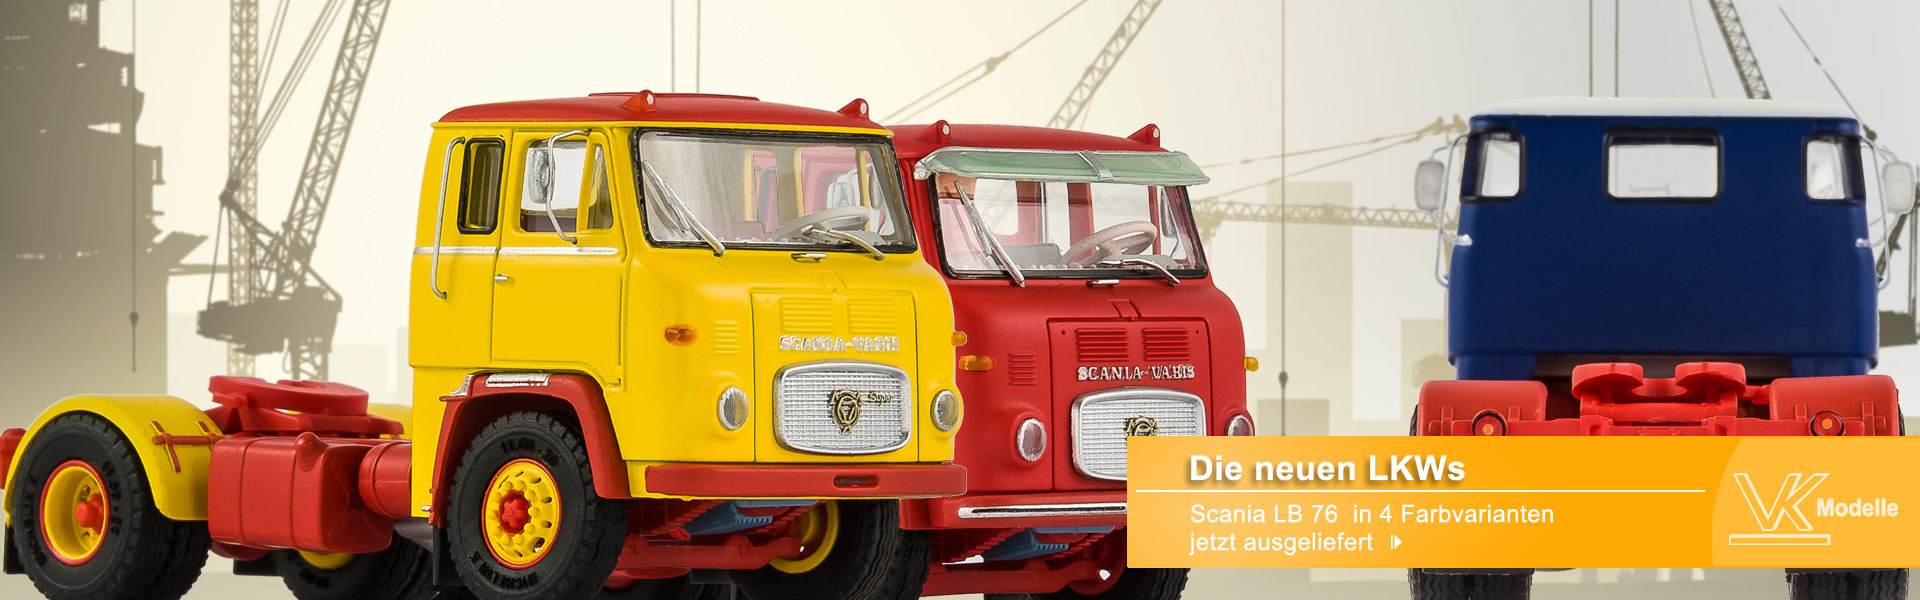 LKWs Scania LB 76 - VK-Modelle